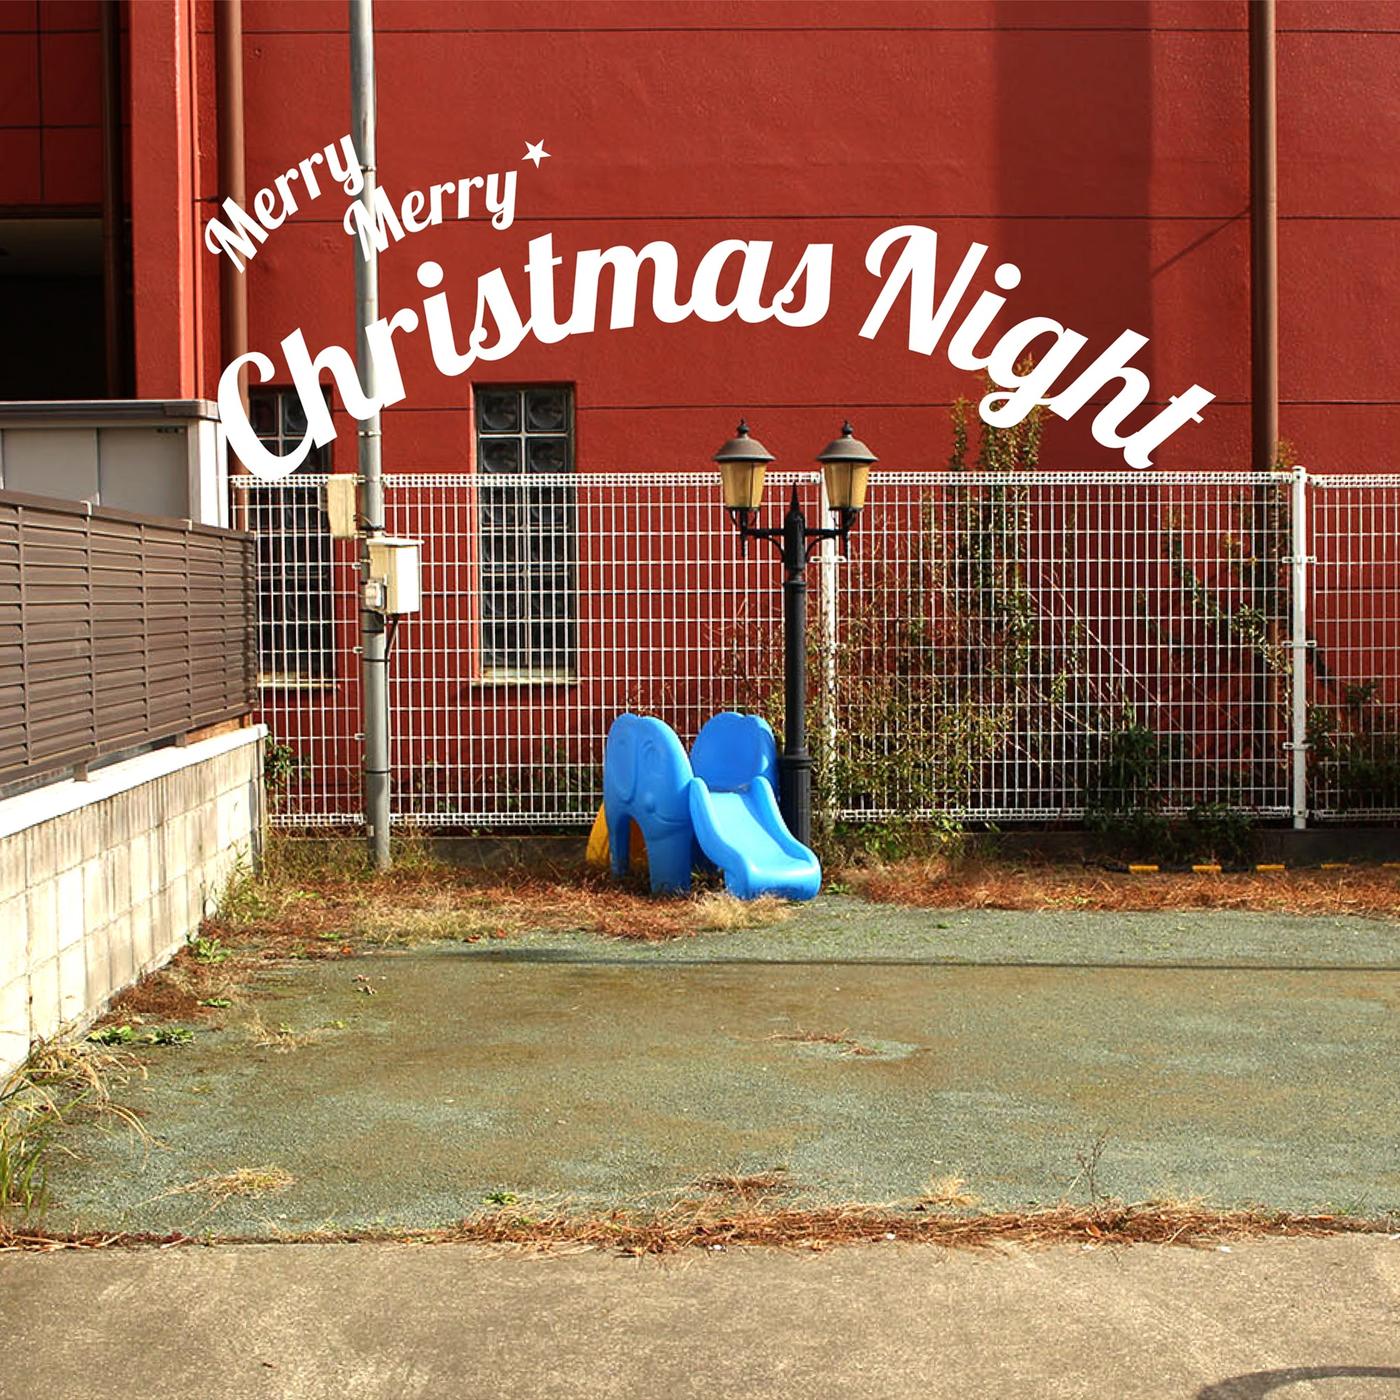 Merry Merry Christmas Night - okazakitaiiku